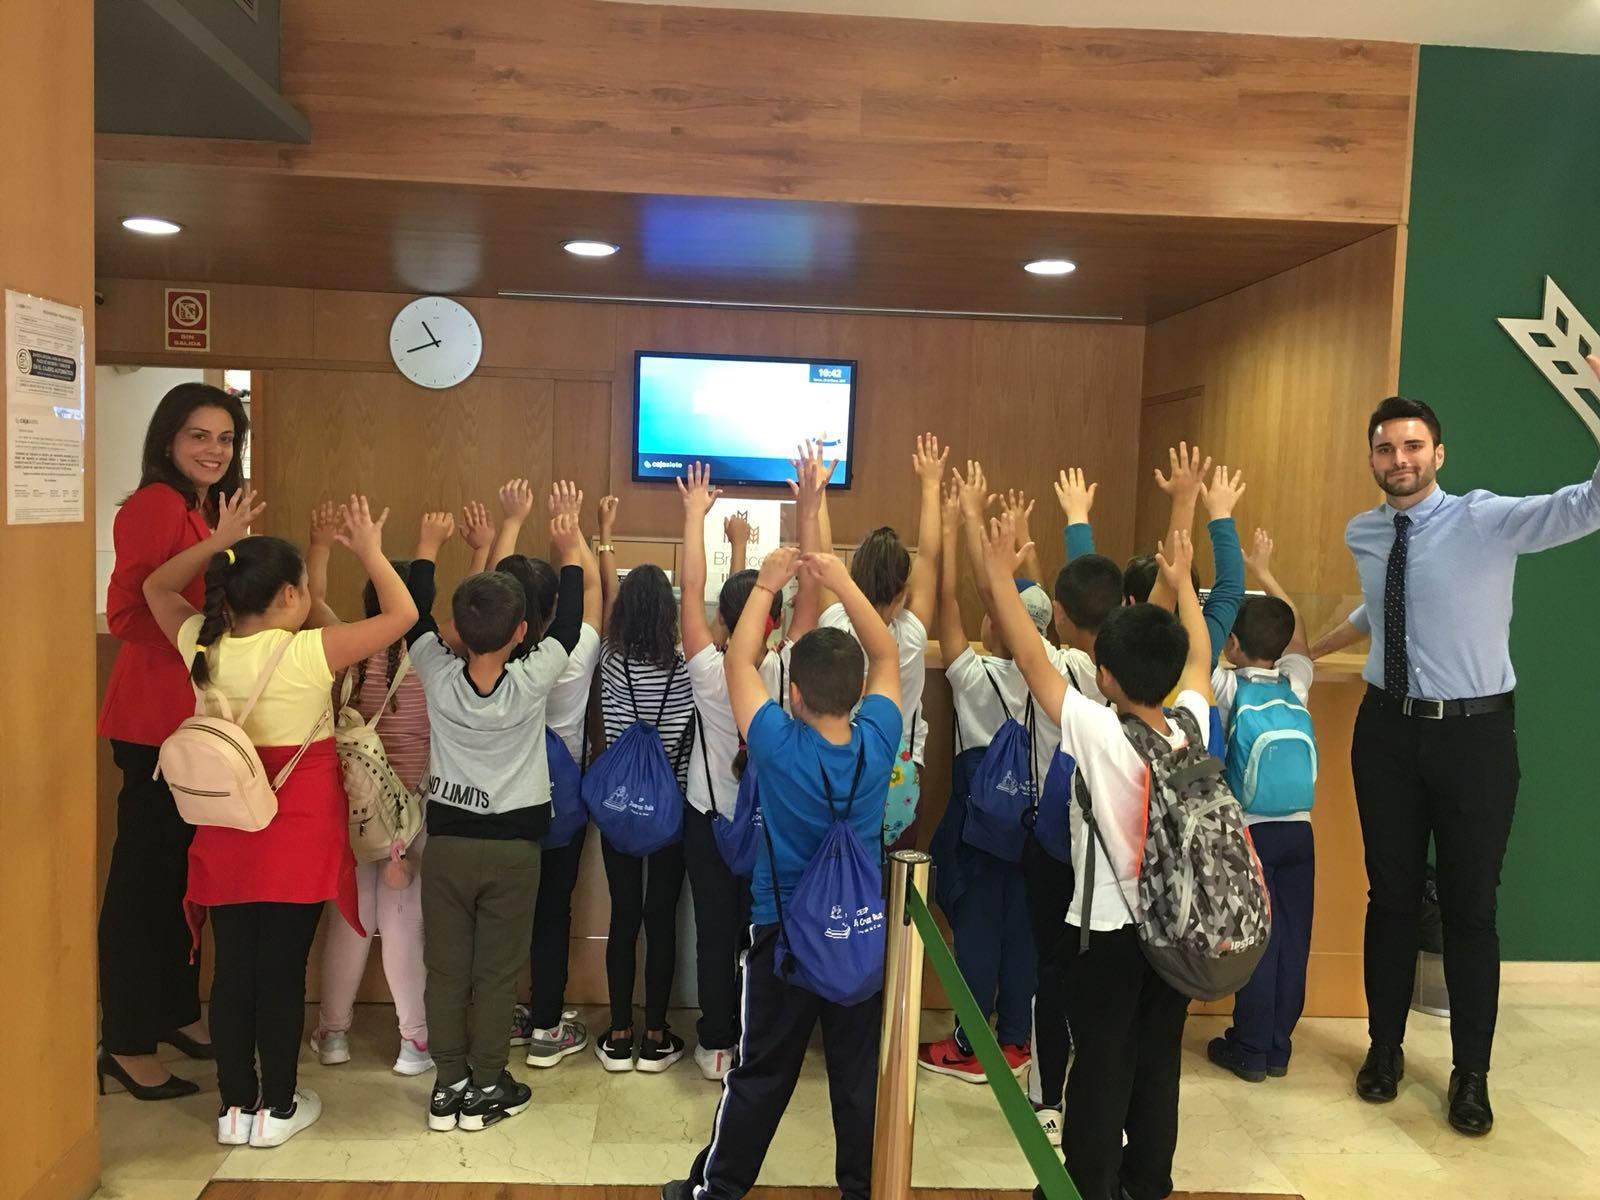 M s de 180 personas participaron en visita cajasiete for Cajasiete oficinas